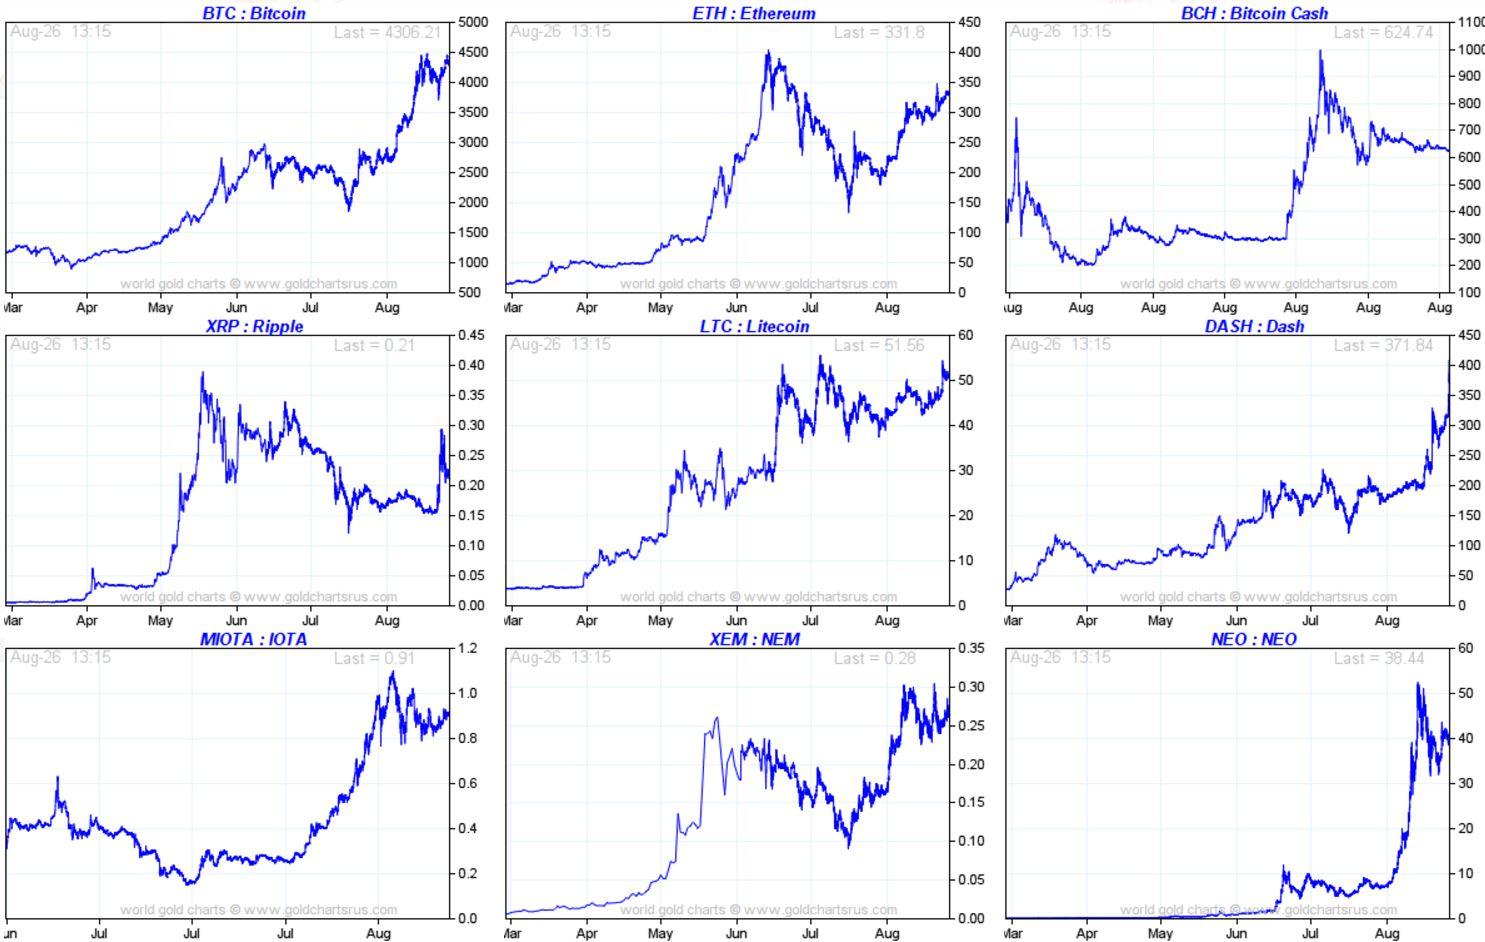 top 9 cryptocurrencies